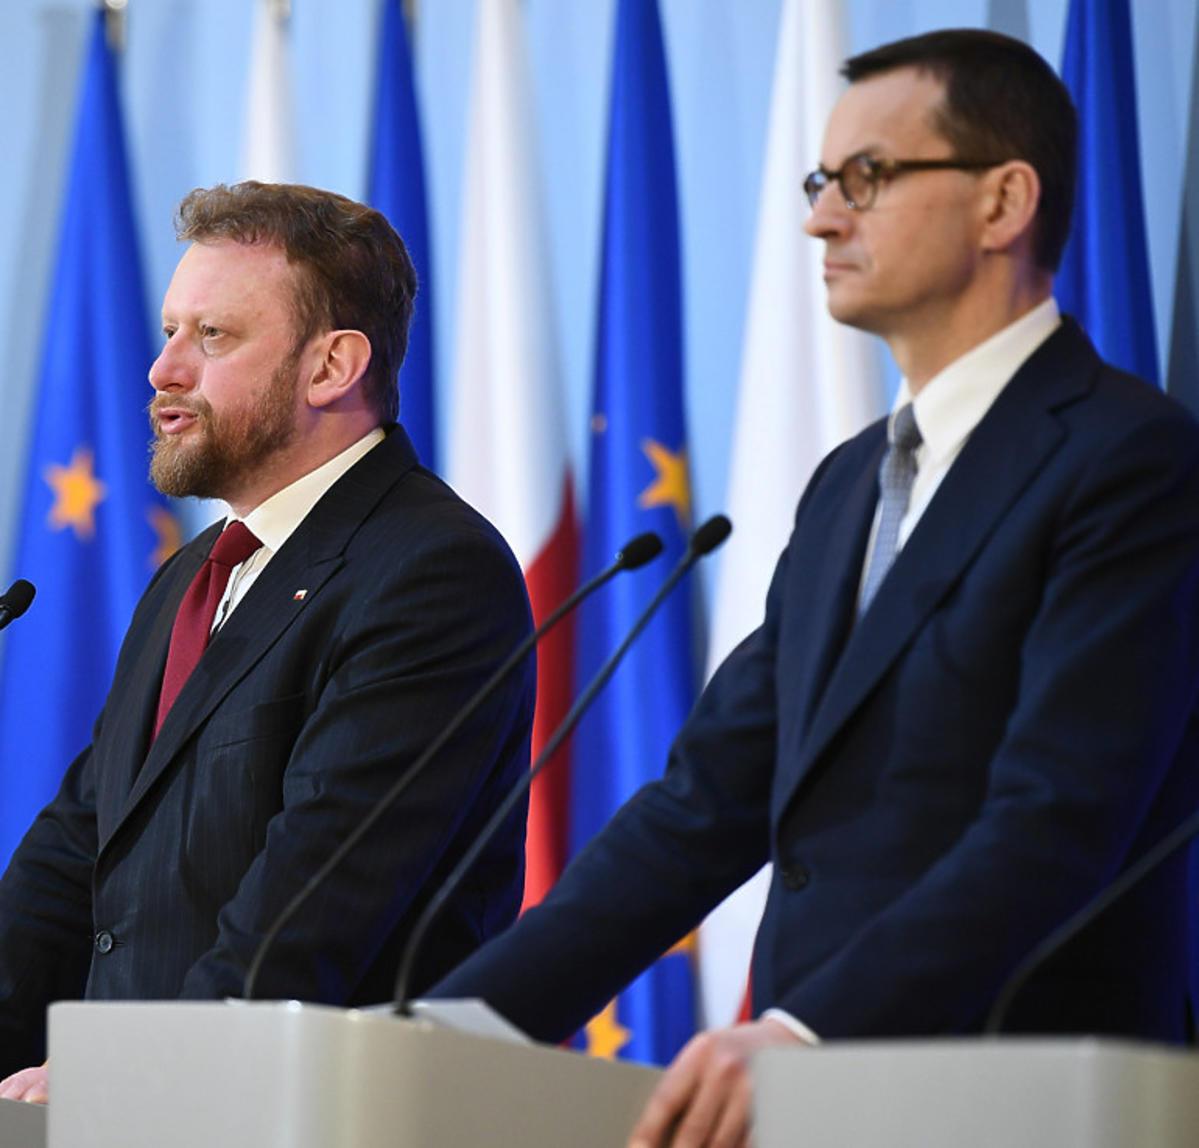 Konferencja o koronawirusie w Polsce